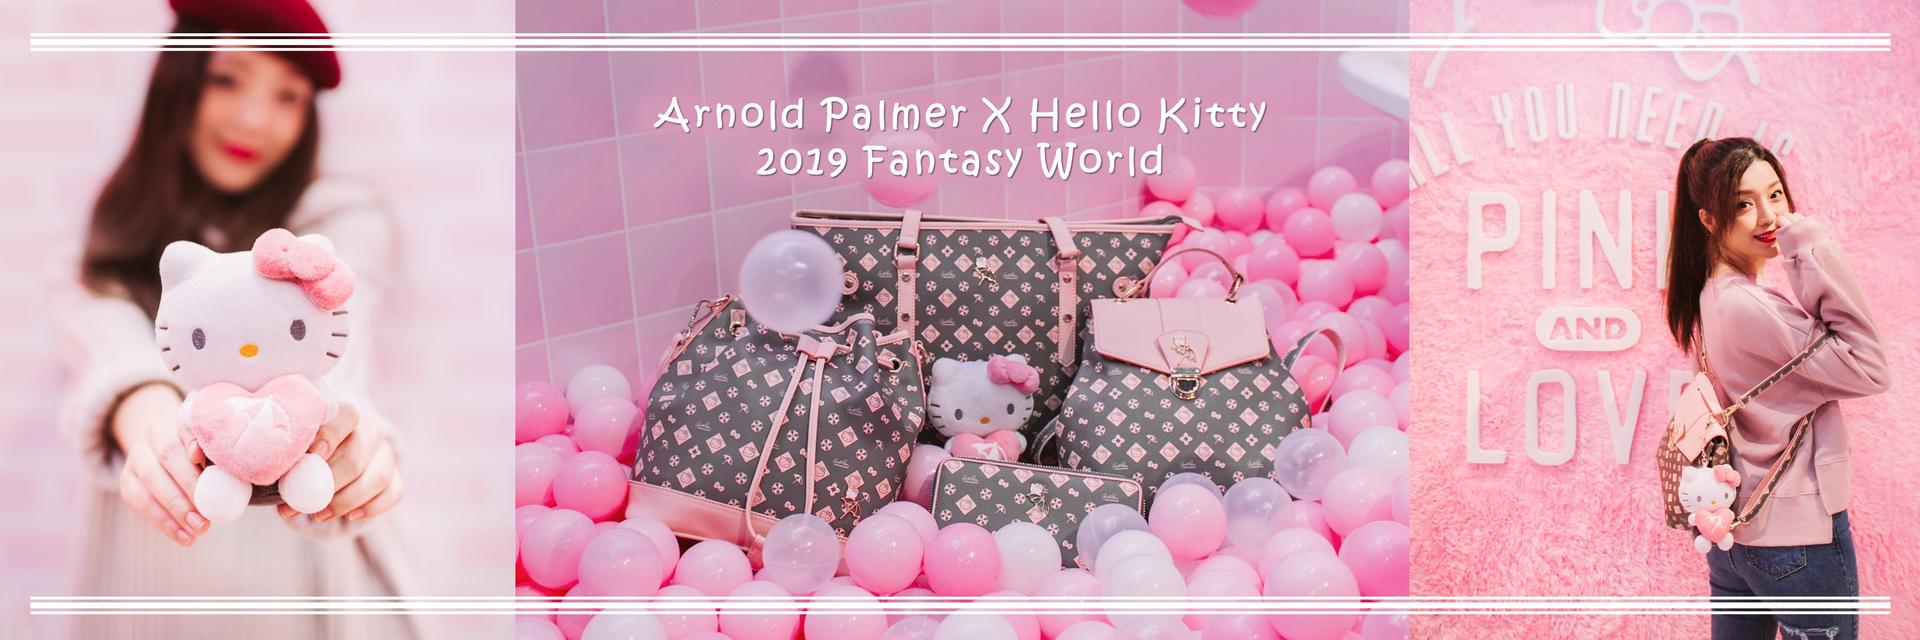 輕熟卻帶著青春,上課、上班或趴踢都適合!如萬花筒般迷人的必備包款,網友:Arnold Palmer X Hello Kitty 太可愛了啦!